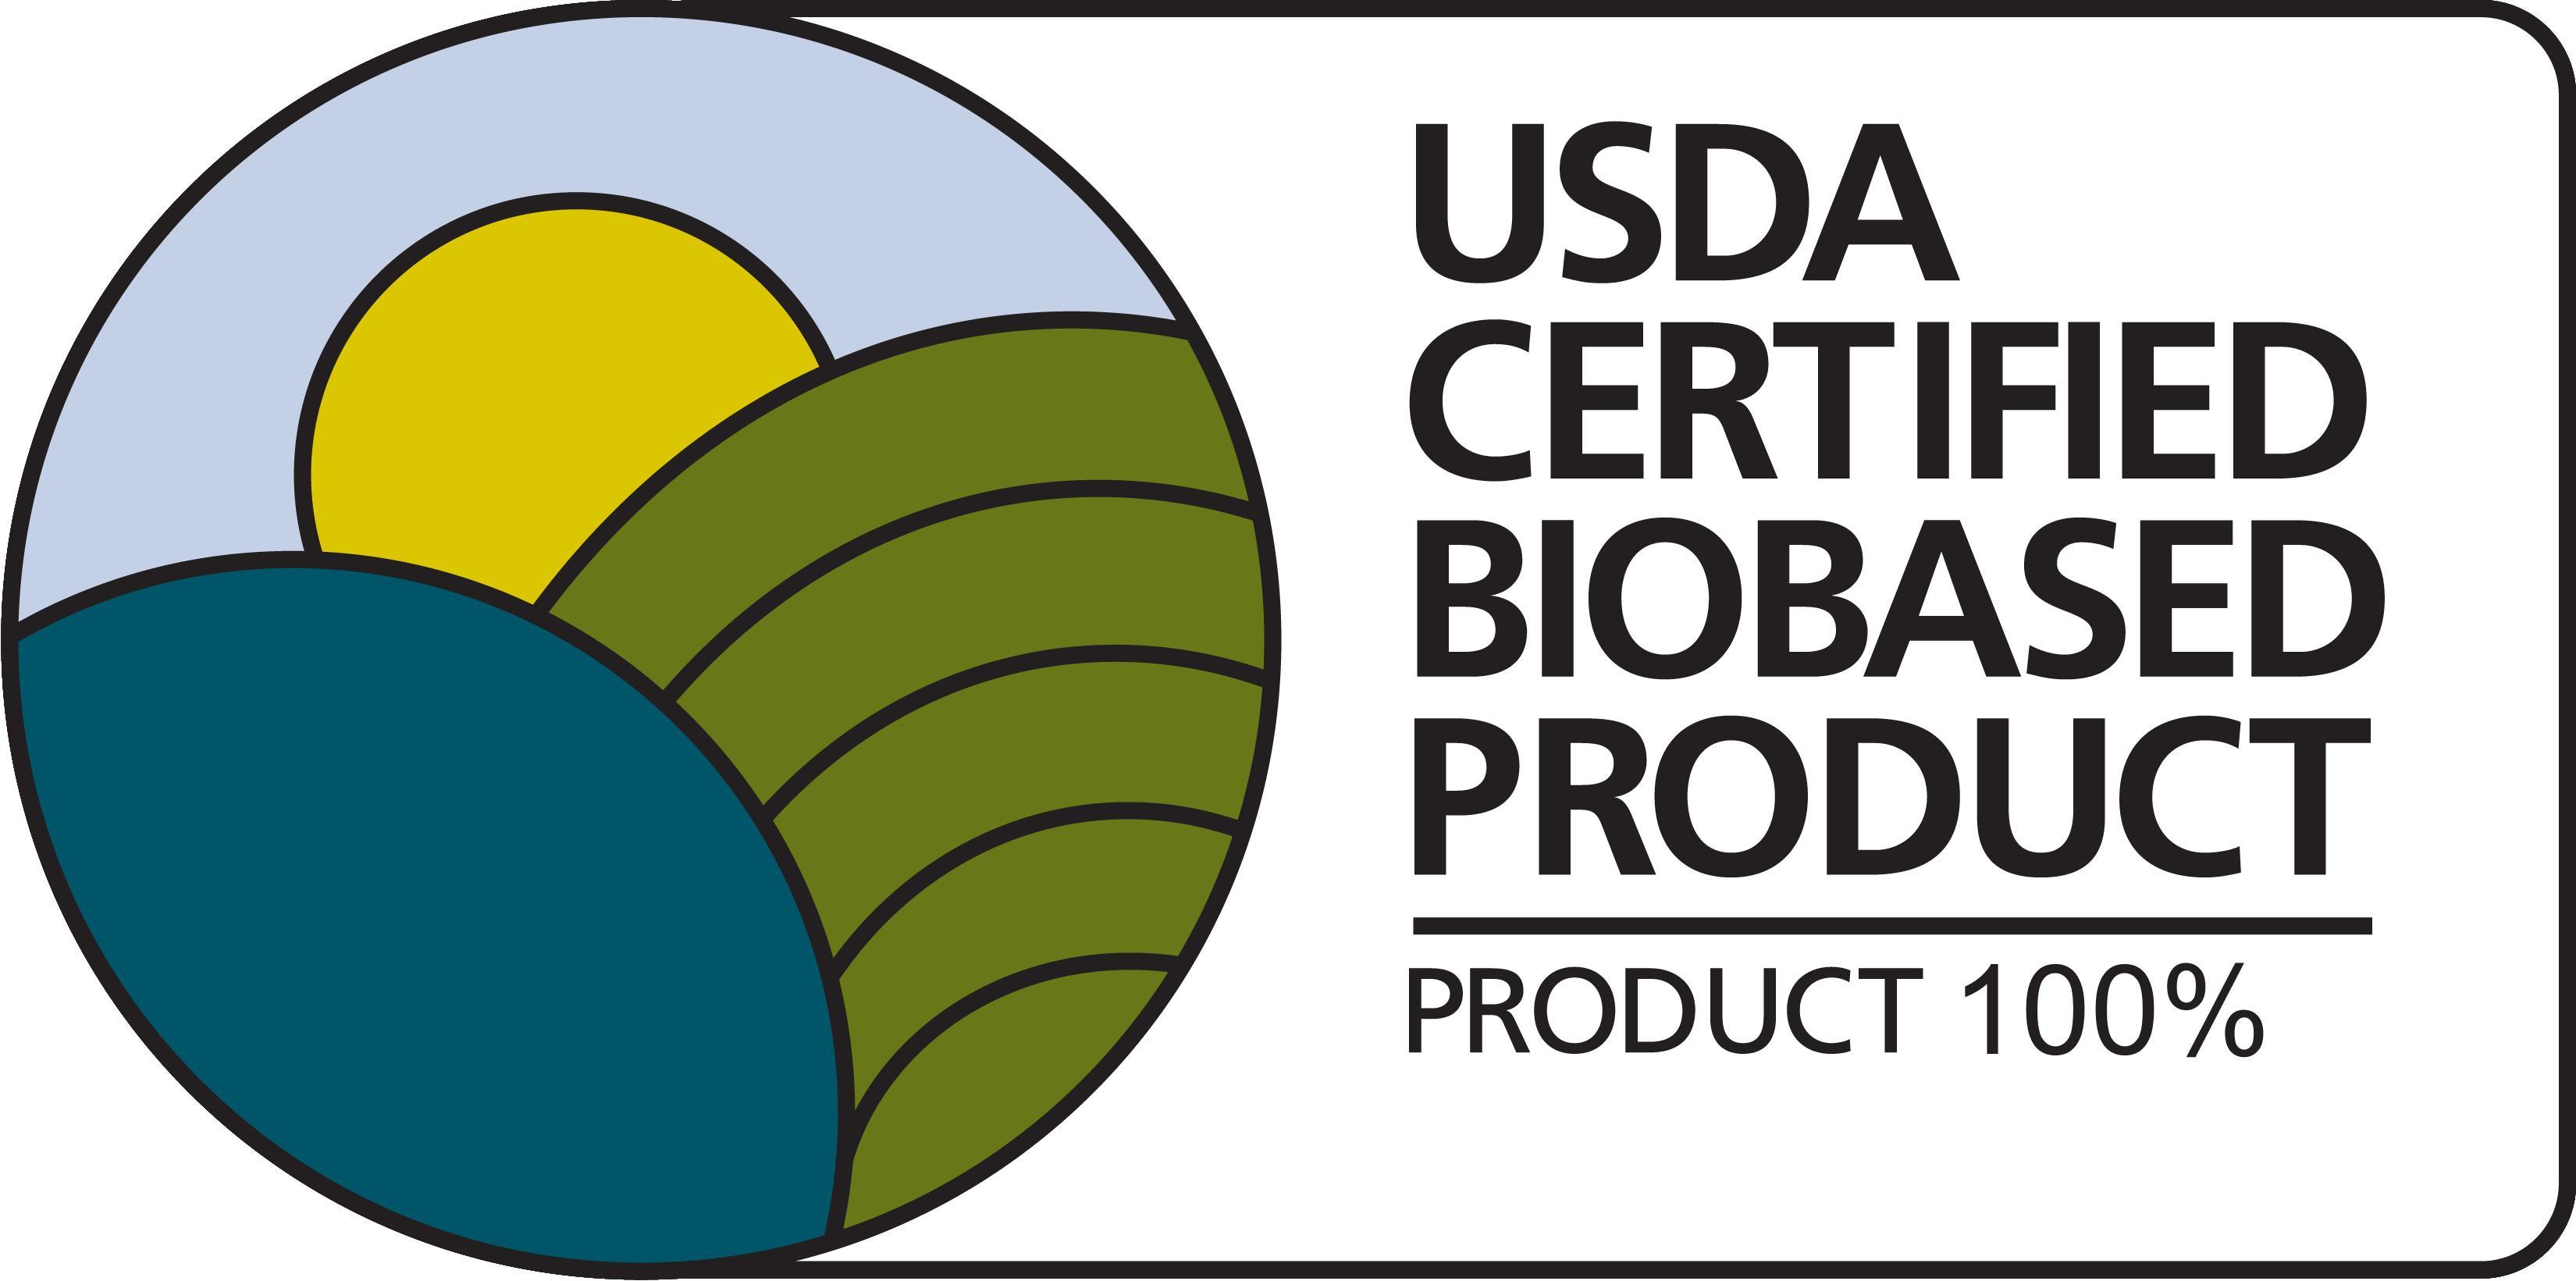 BioPreferredLabel-11597-1334327896844